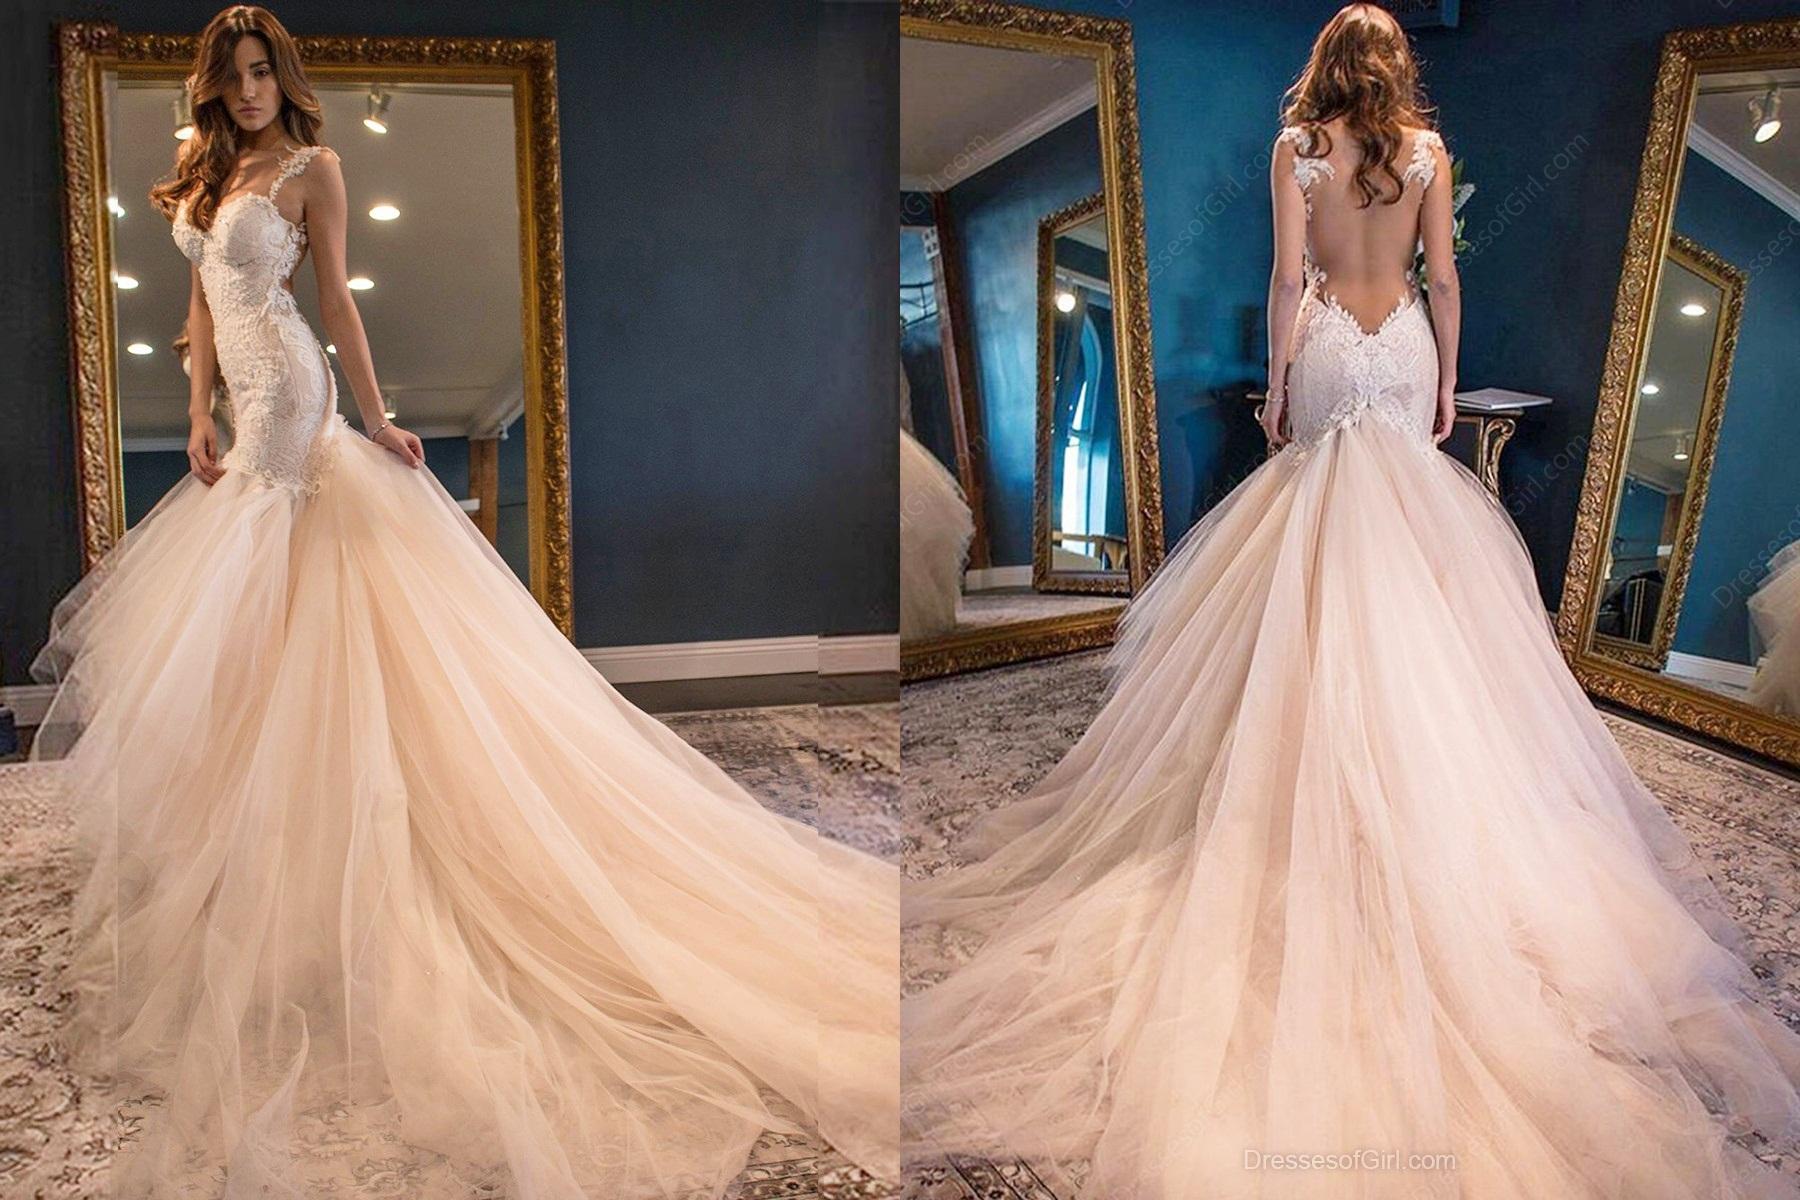 vestidoachado1 Moda de rua: Maio é o mês das noivas!? Inspire-se com os vestidos da Dress Of Girl